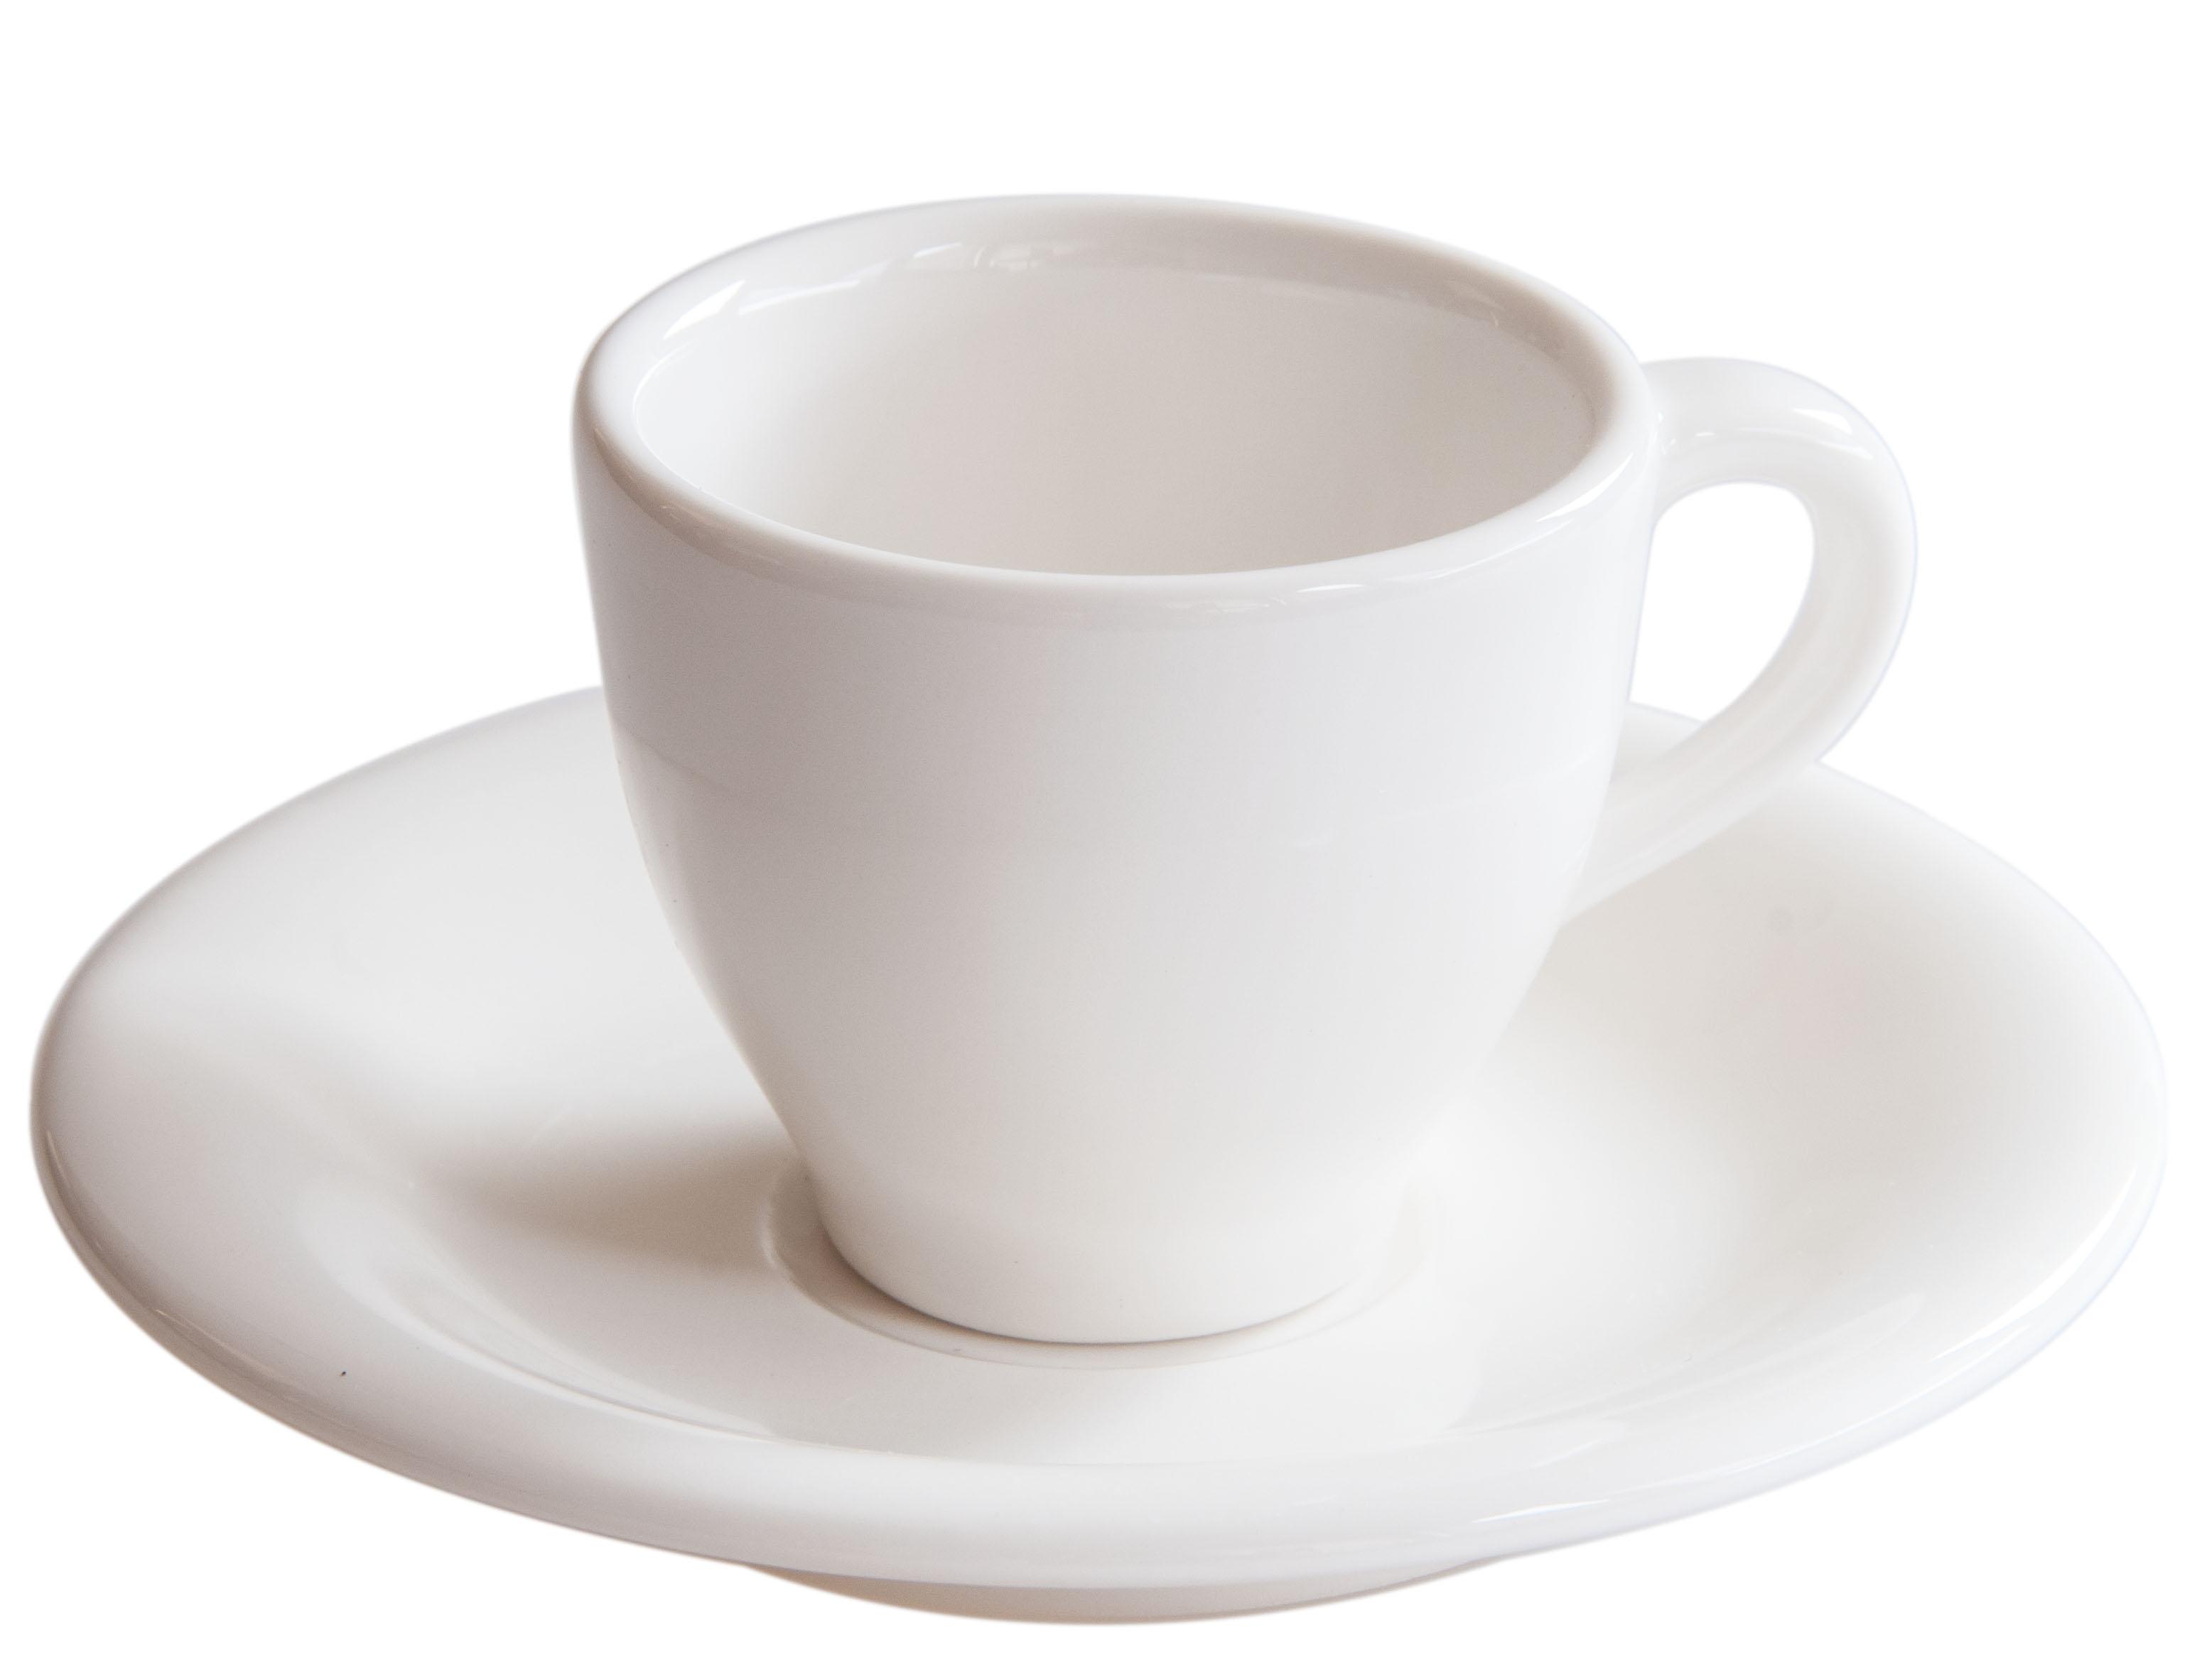 2er set villeroy und boch espresso tassen mit untertassen gew rze kaufen bei. Black Bedroom Furniture Sets. Home Design Ideas